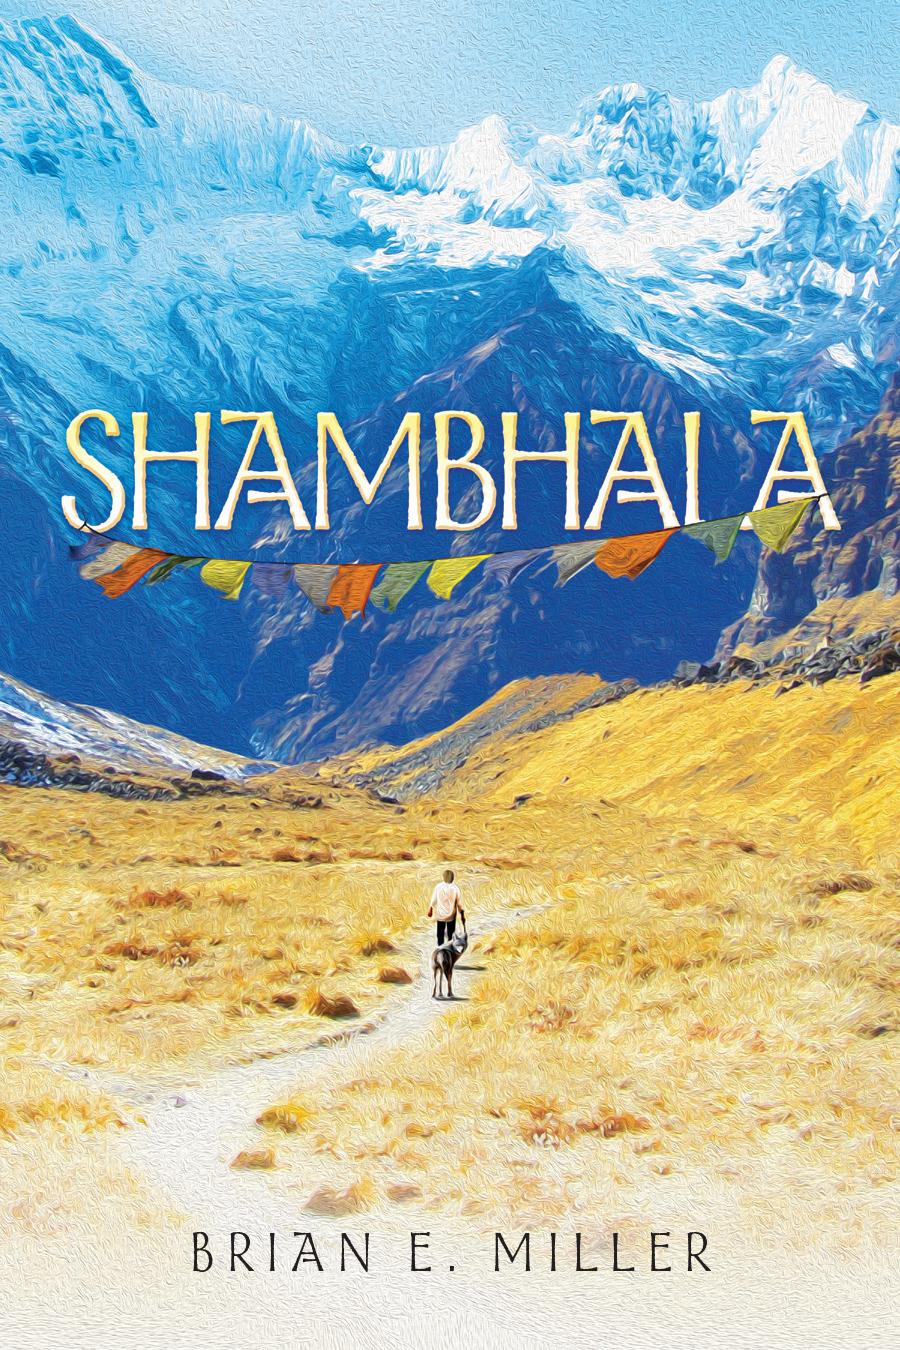 Shambhala_Cover_R2.jpg